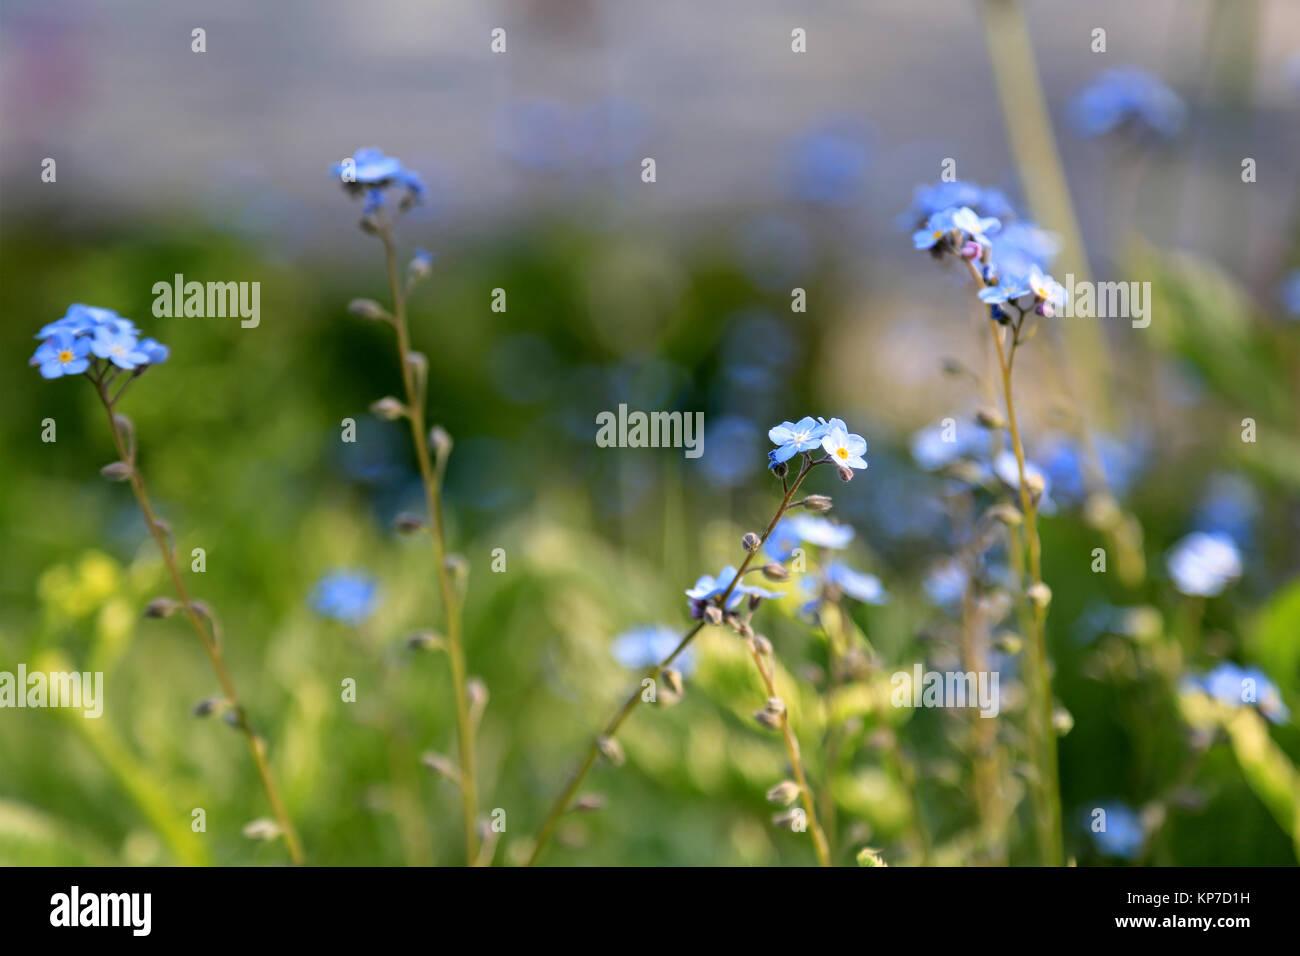 Piccoli fiori blu di dimenticare-me-non (Myosotis), la profondità di campo e sfondo sfocato, adatto per gli Immagini Stock